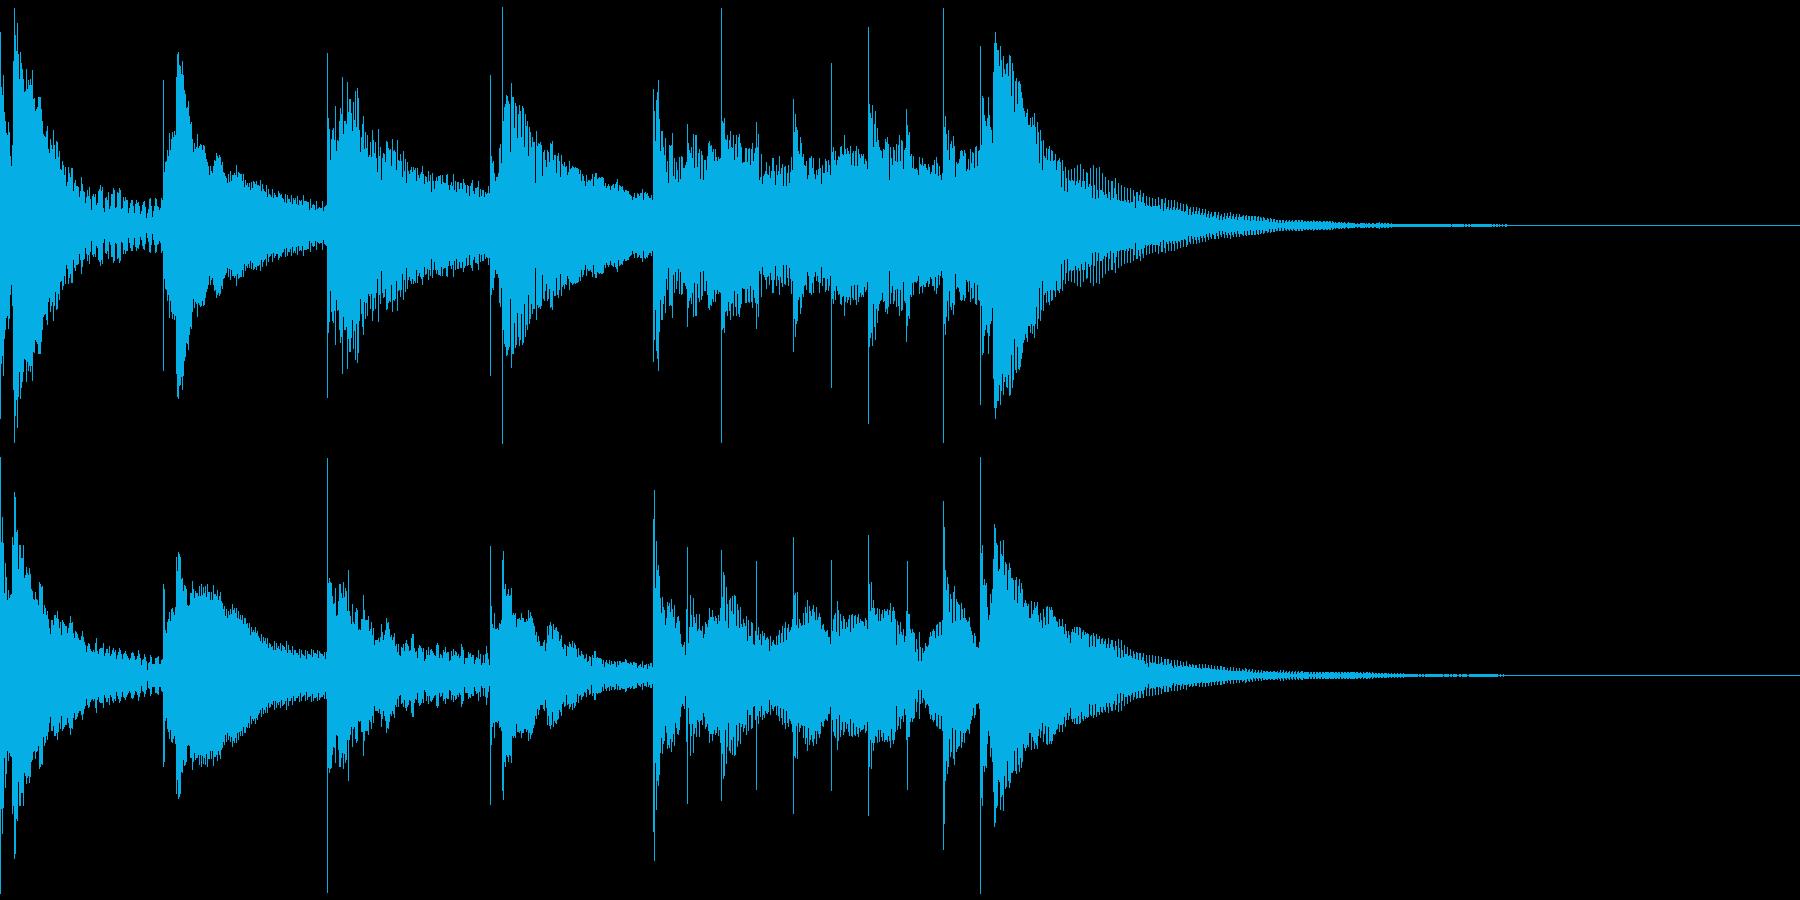 マリンバの音で失敗、残念系のジングルの再生済みの波形